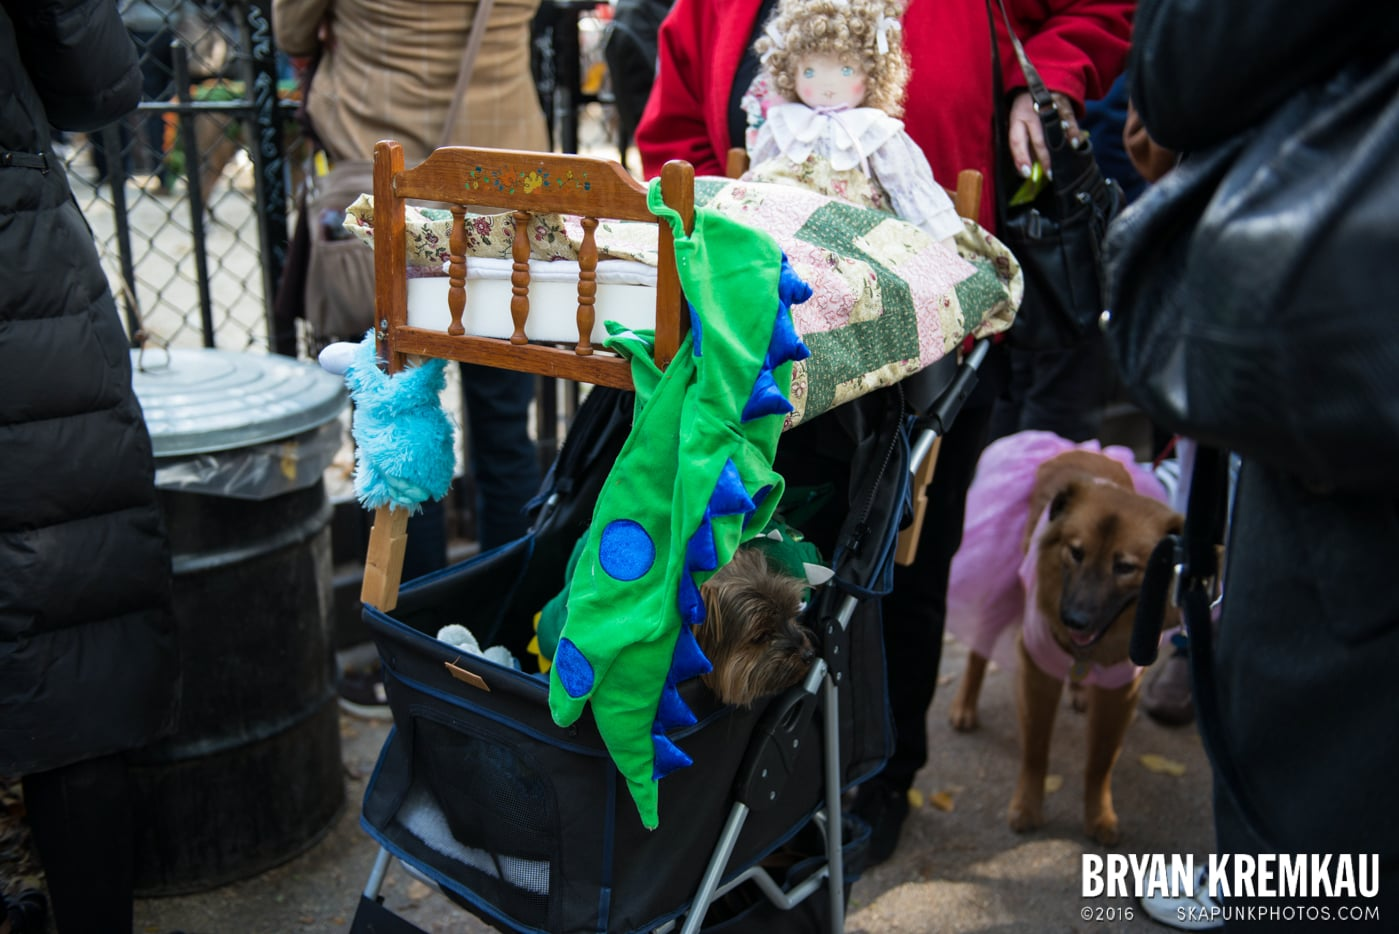 Tompkins Square Halloween Dog Parade 2013 @ Tompkins Square Park, NYC - 10.26.13 (6)